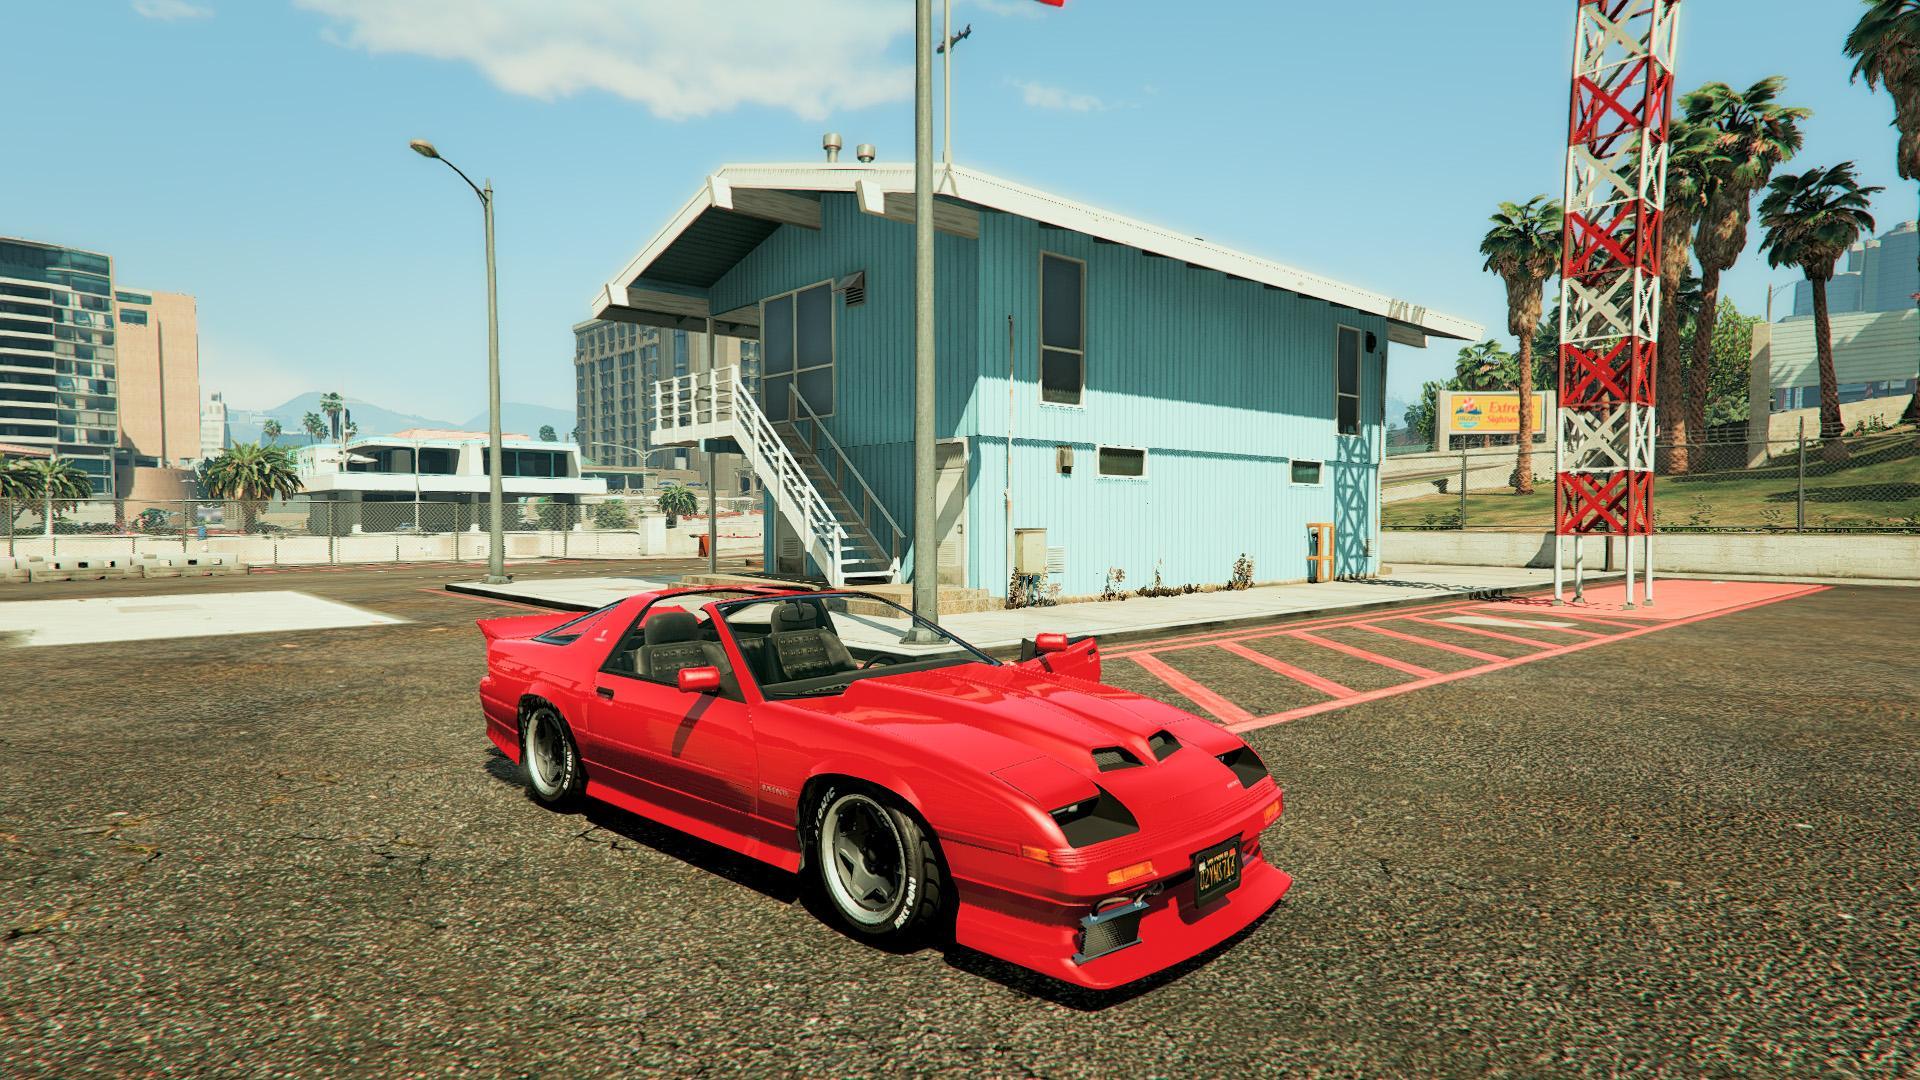 Gta San Andreas Wallpaper Hd Realism Graphics Mod Gta5 Mods Com